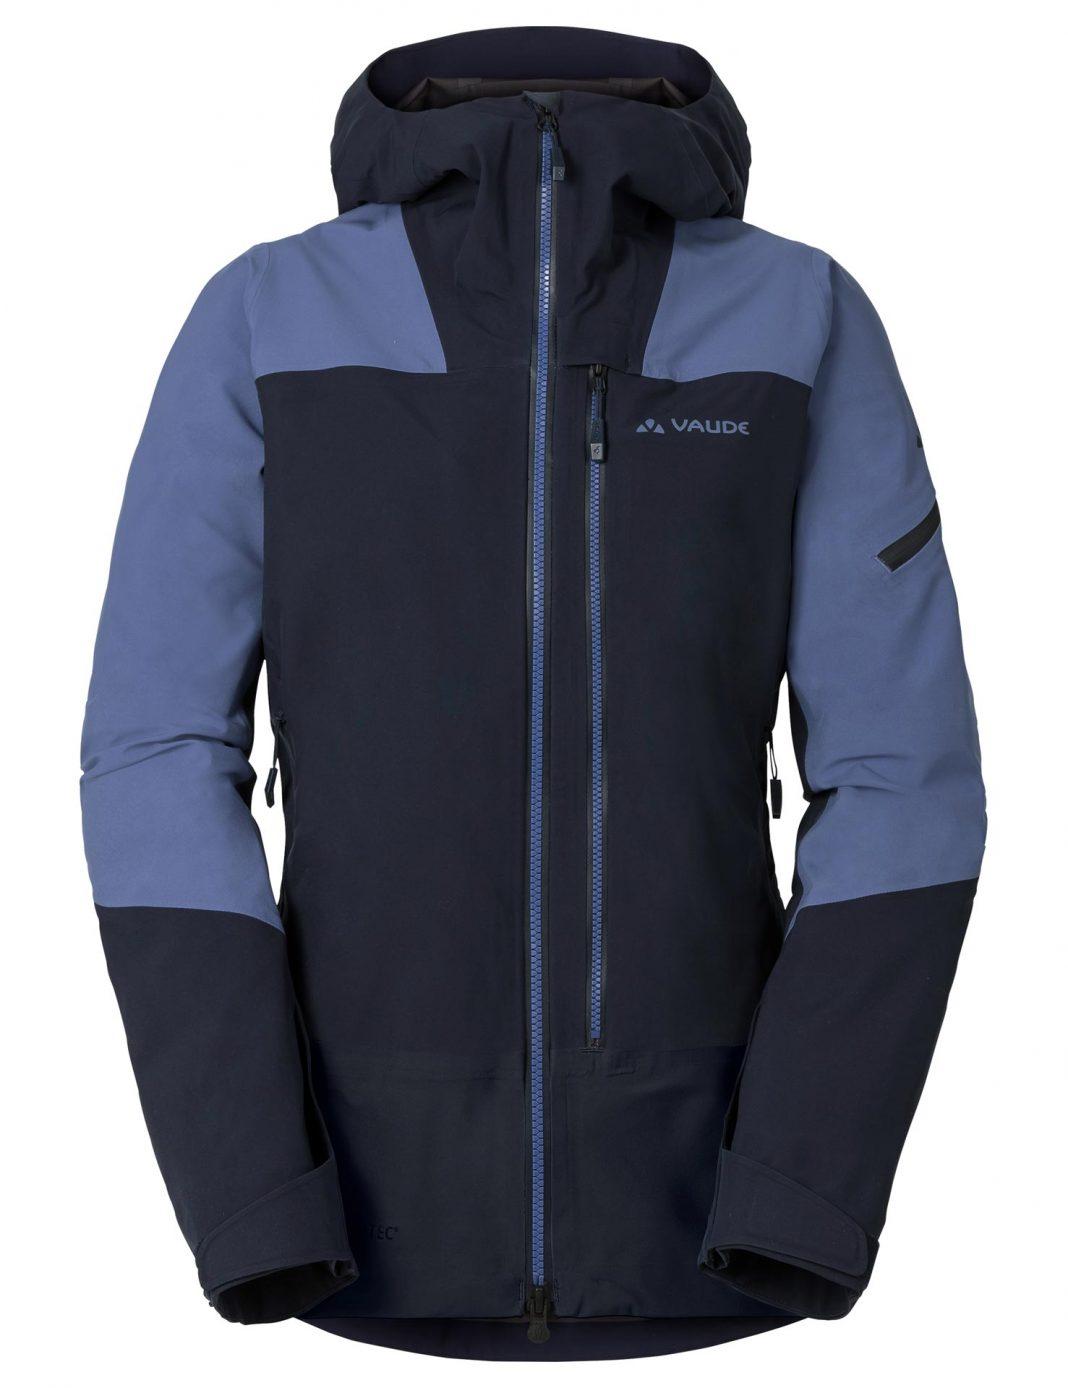 Vaude: Golliat 3L Jacket